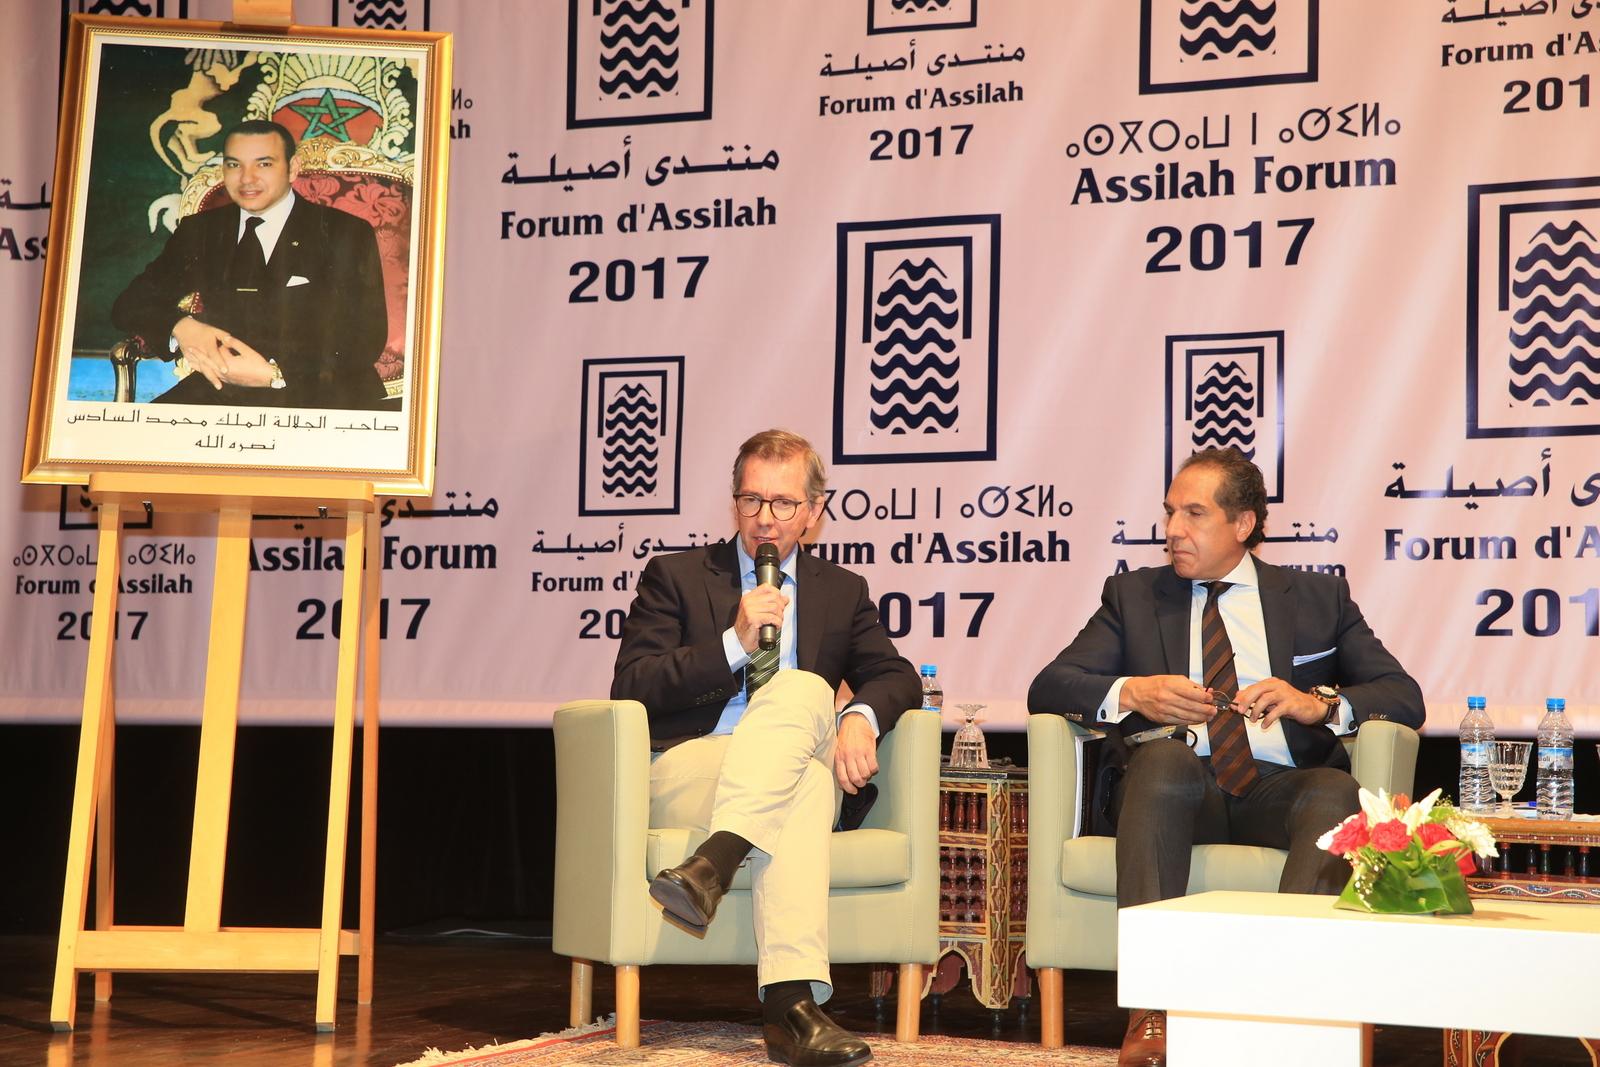 2017-7-12 افتتاح ندوة الشعبوية والخطاب الغربي حول الحكامة